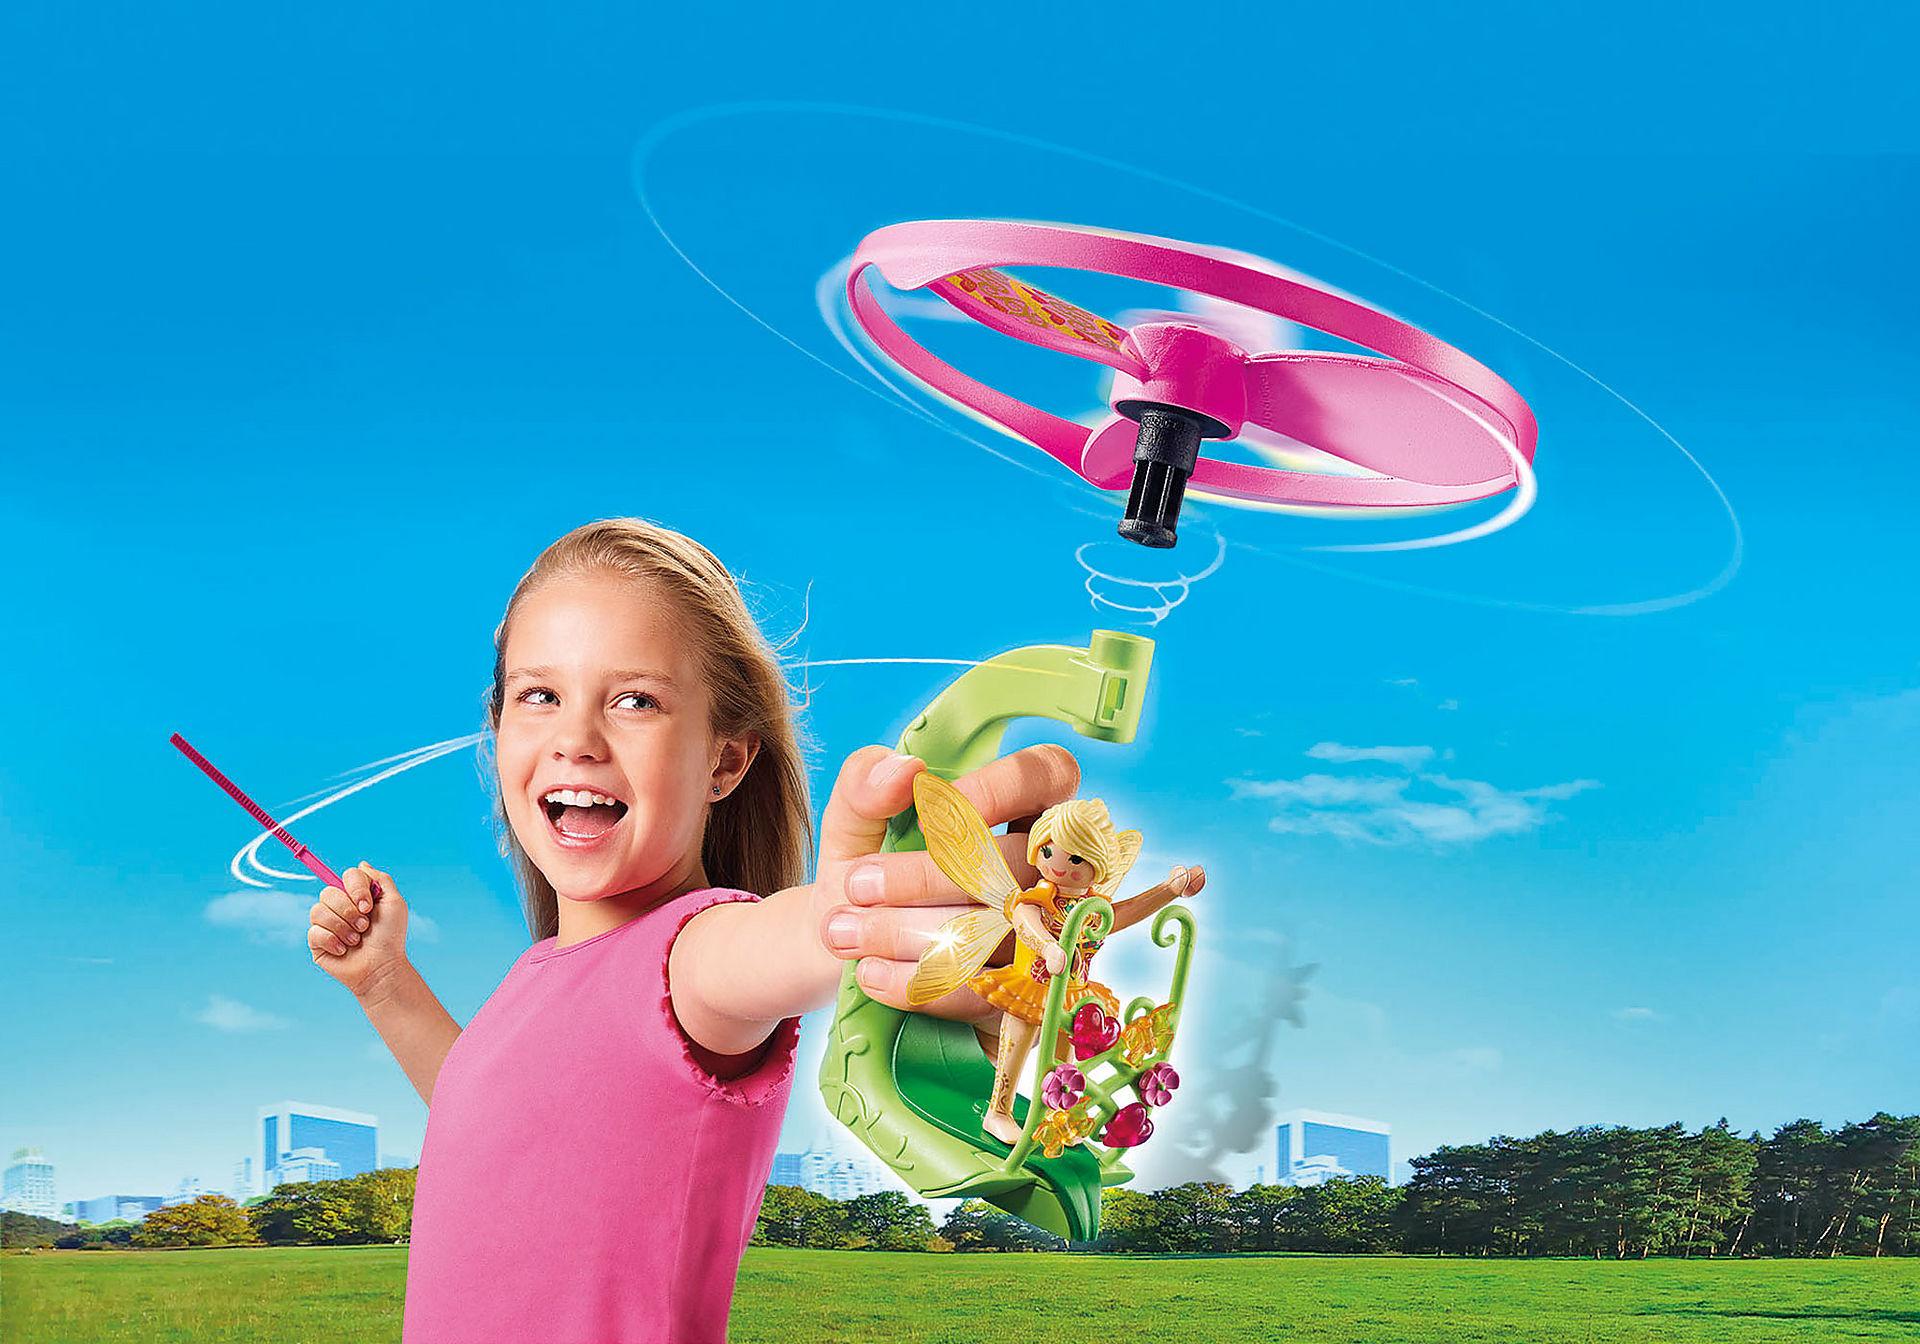 70056 Fée avec hélice volante zoom image1